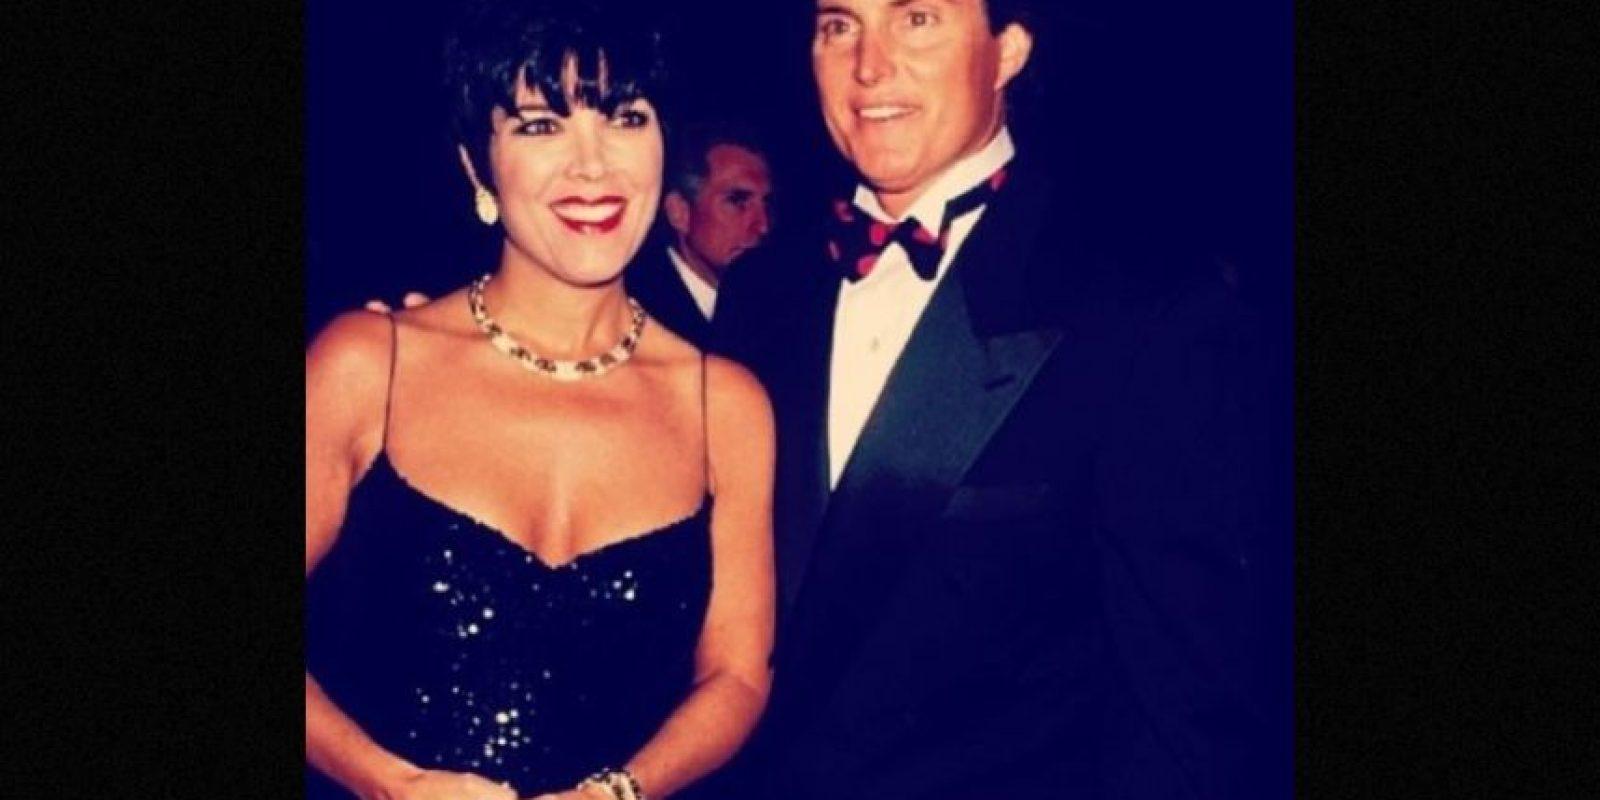 Kris y Caitlyn, anteriormente conocido como Bruce, se casaron en 1991. Foto:Instagram/KrisJenner